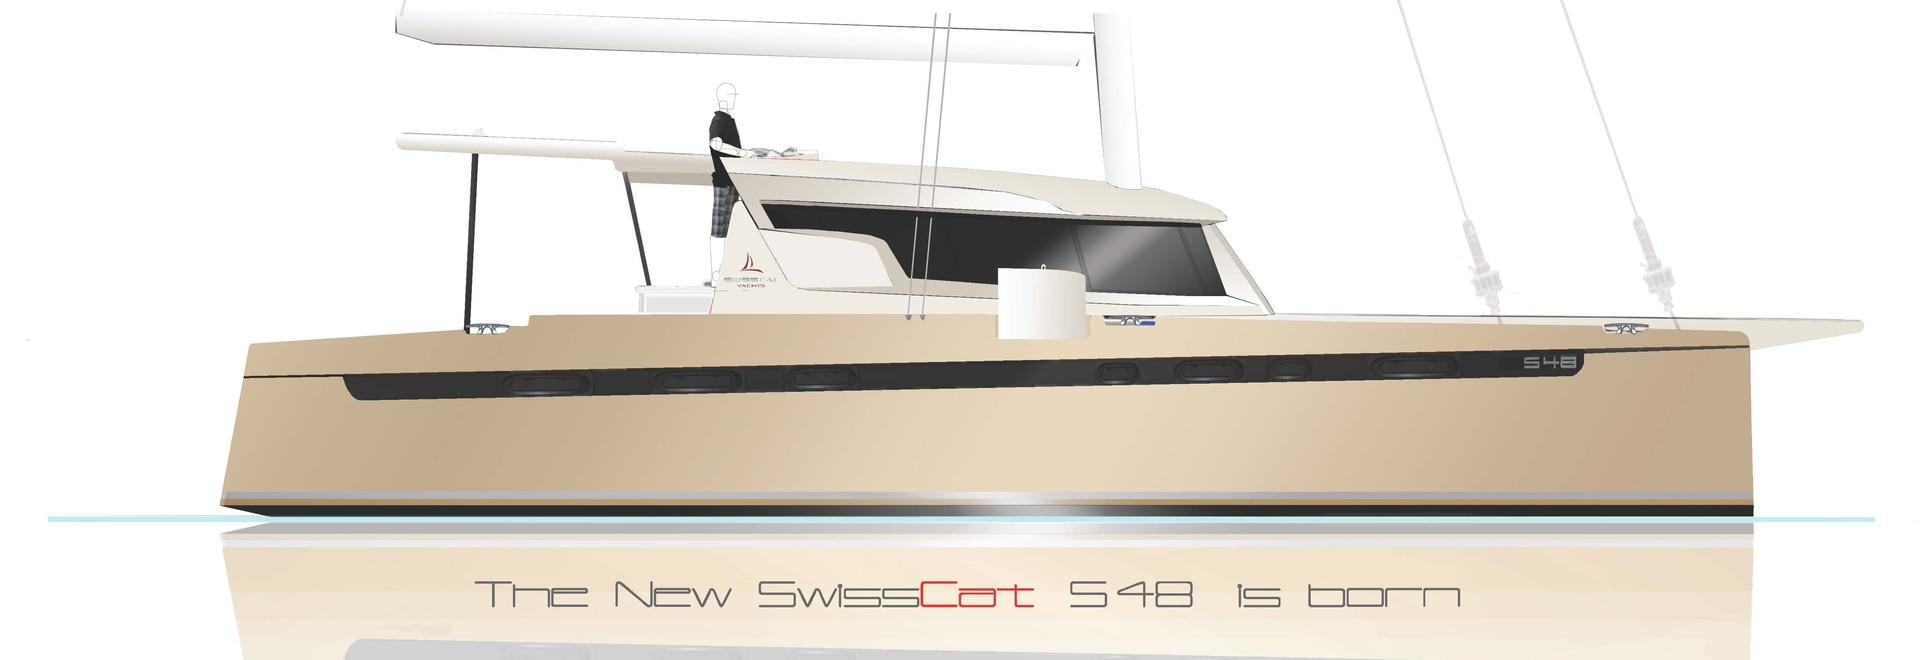 le nouveau SwissCat S 48 est né